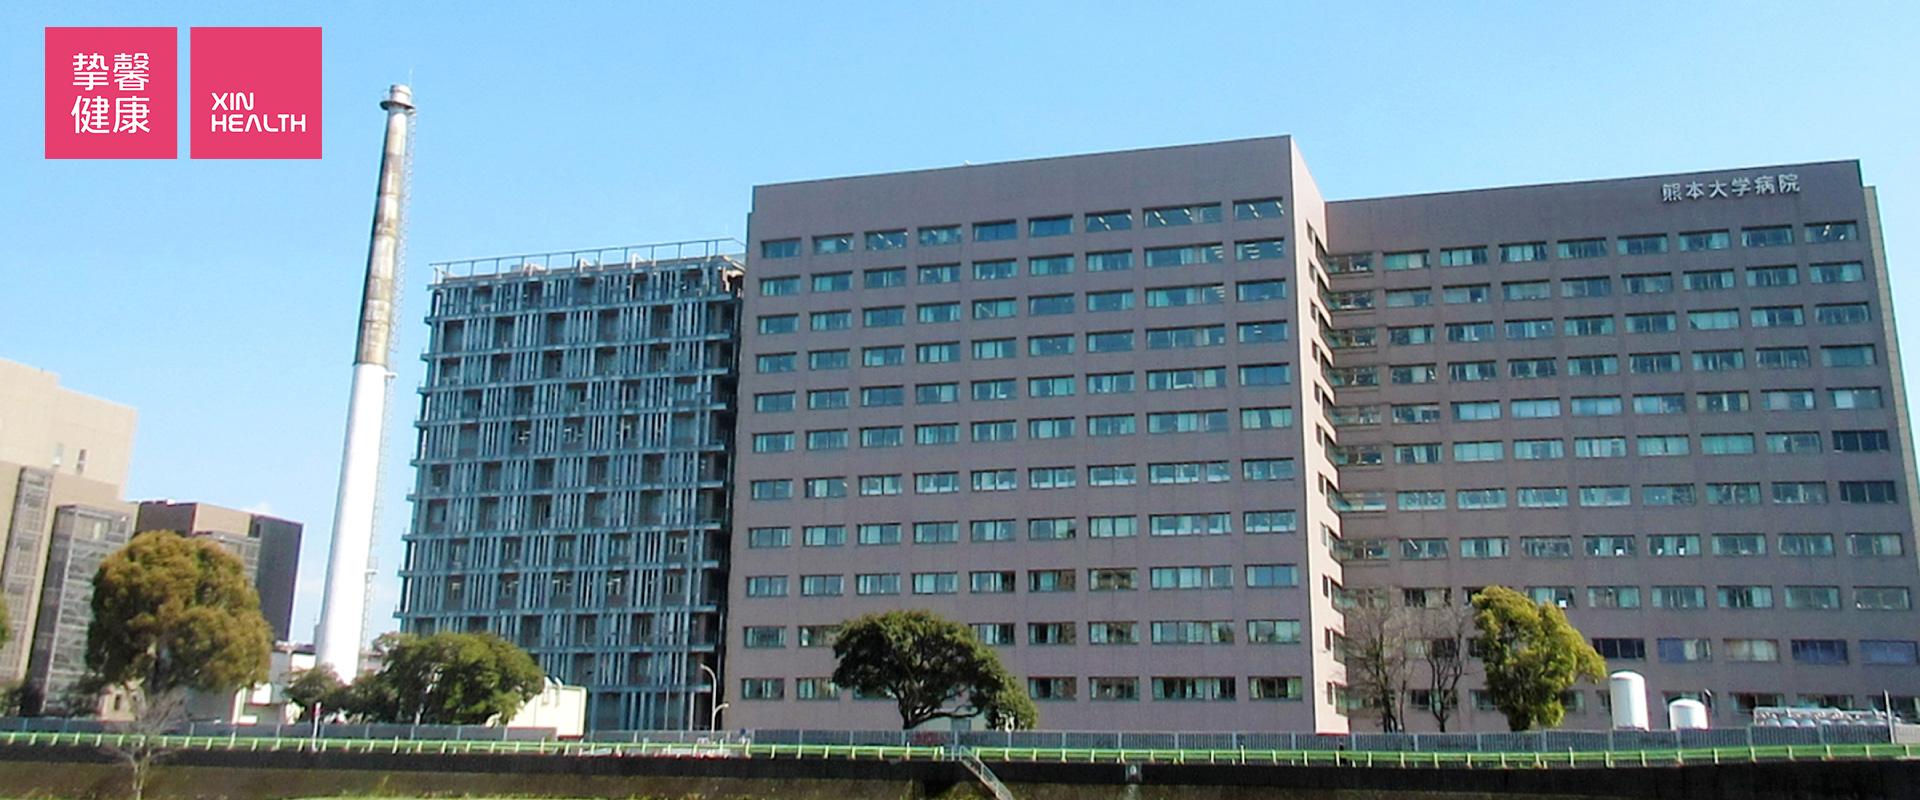 熊本大学病院 门诊大楼外观